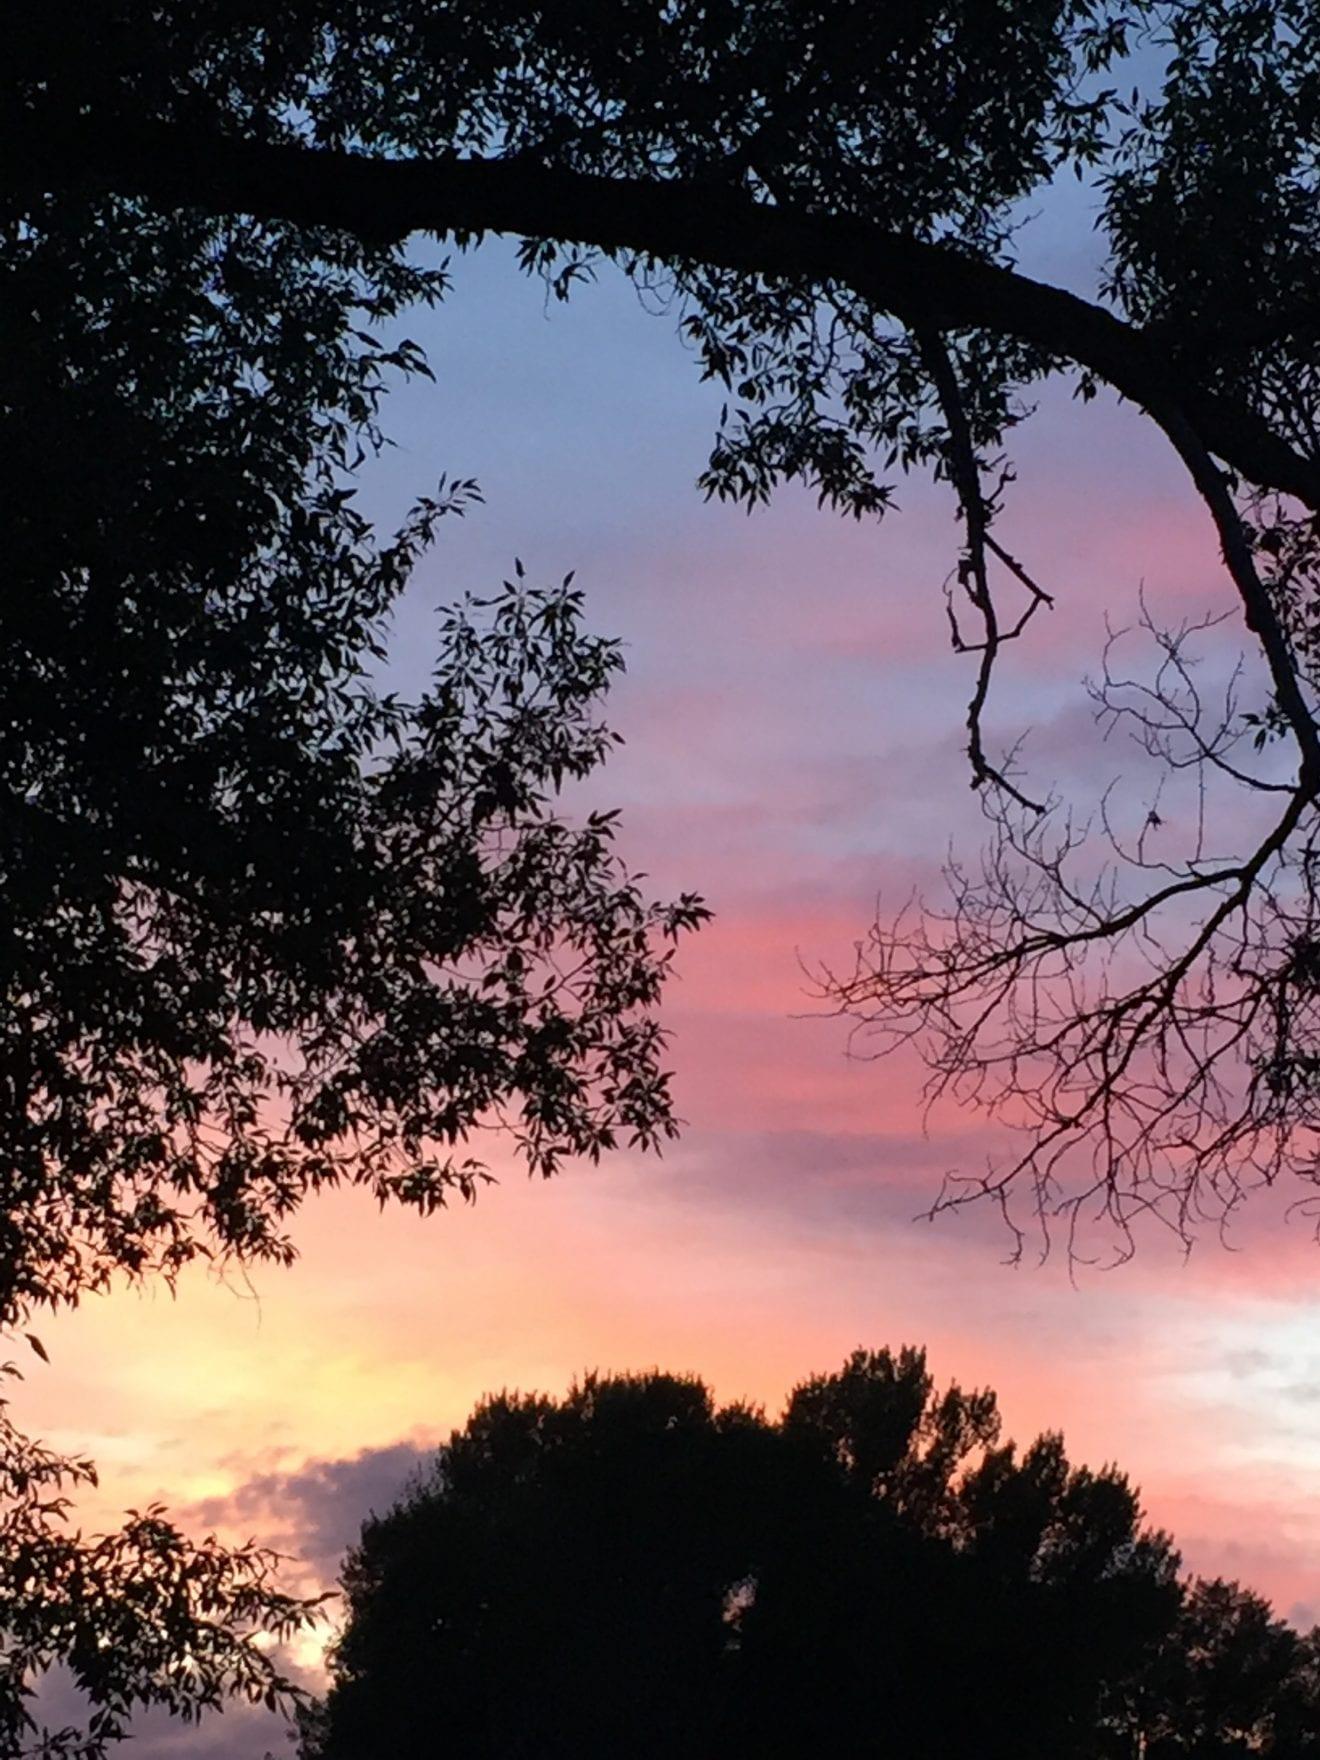 sunset backyard